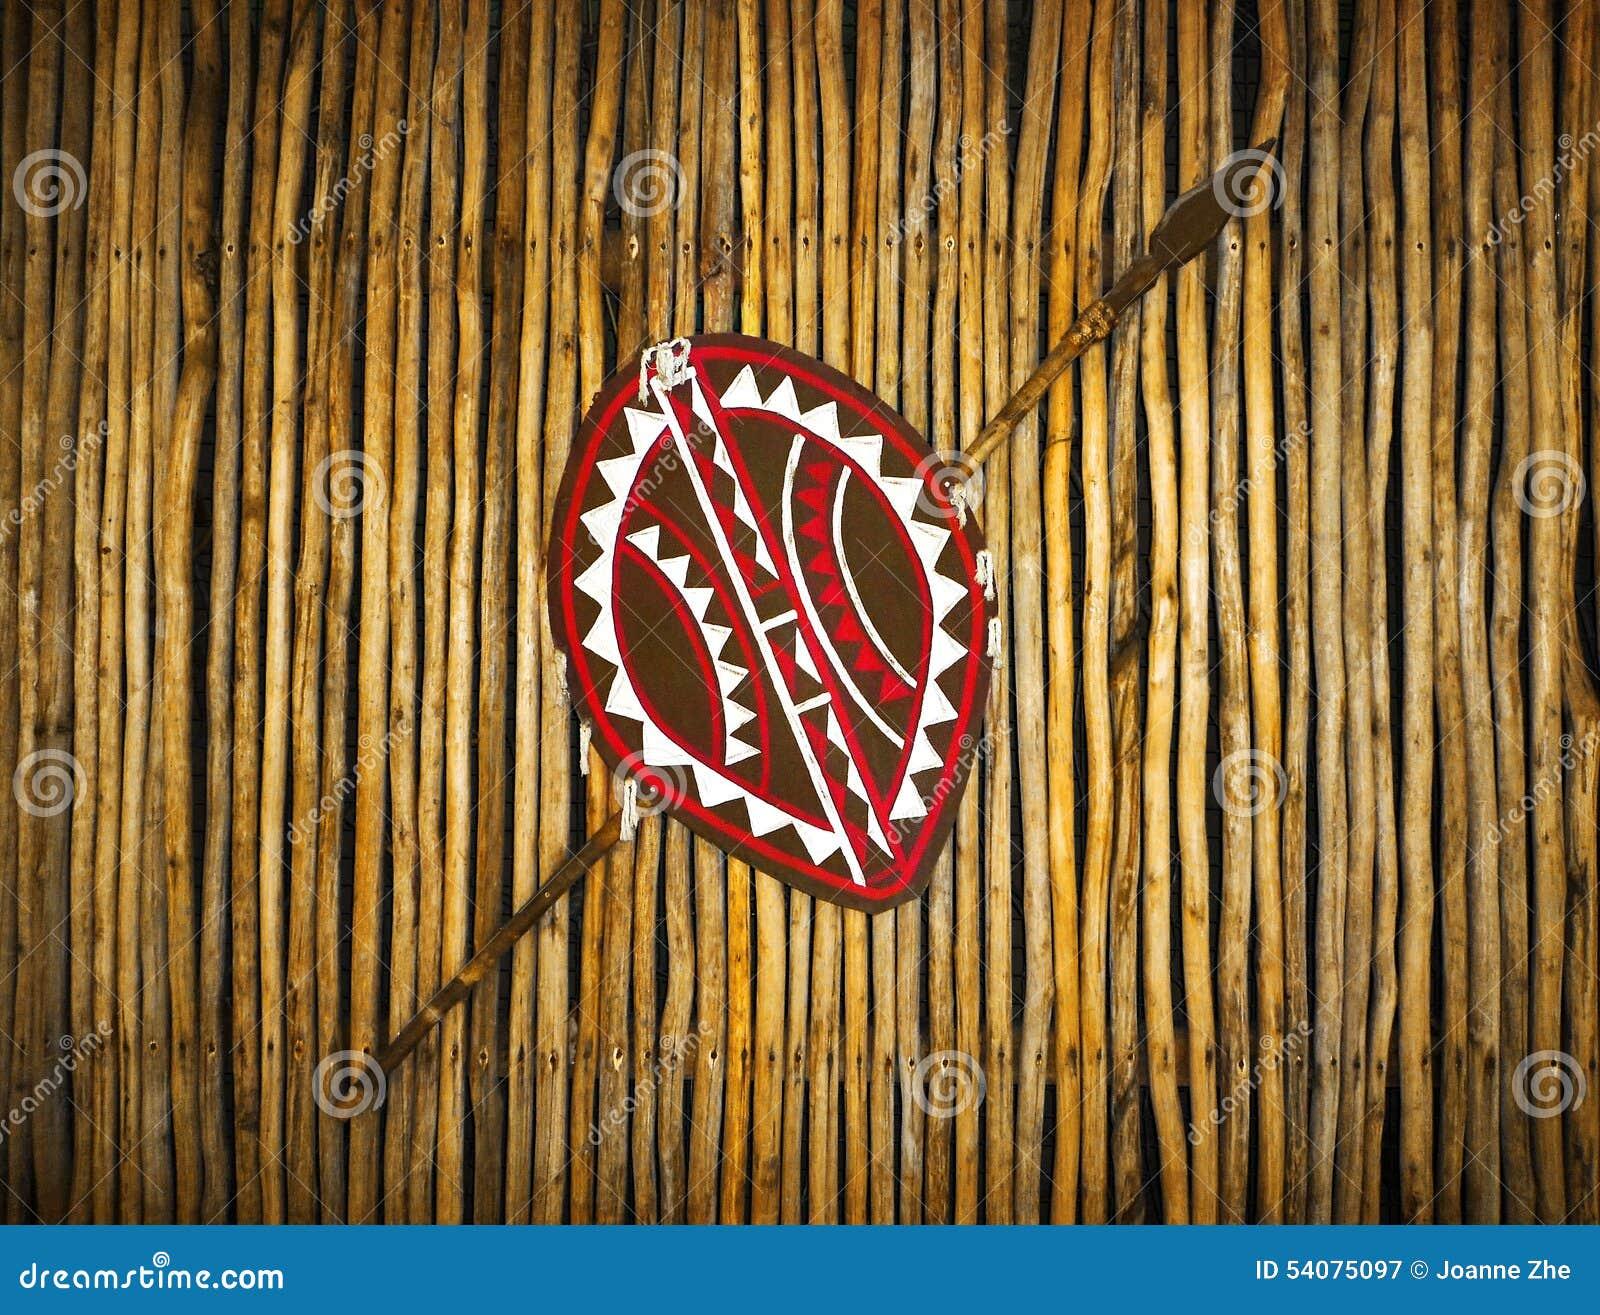 Afrikaanse Etnische stamschild & spear